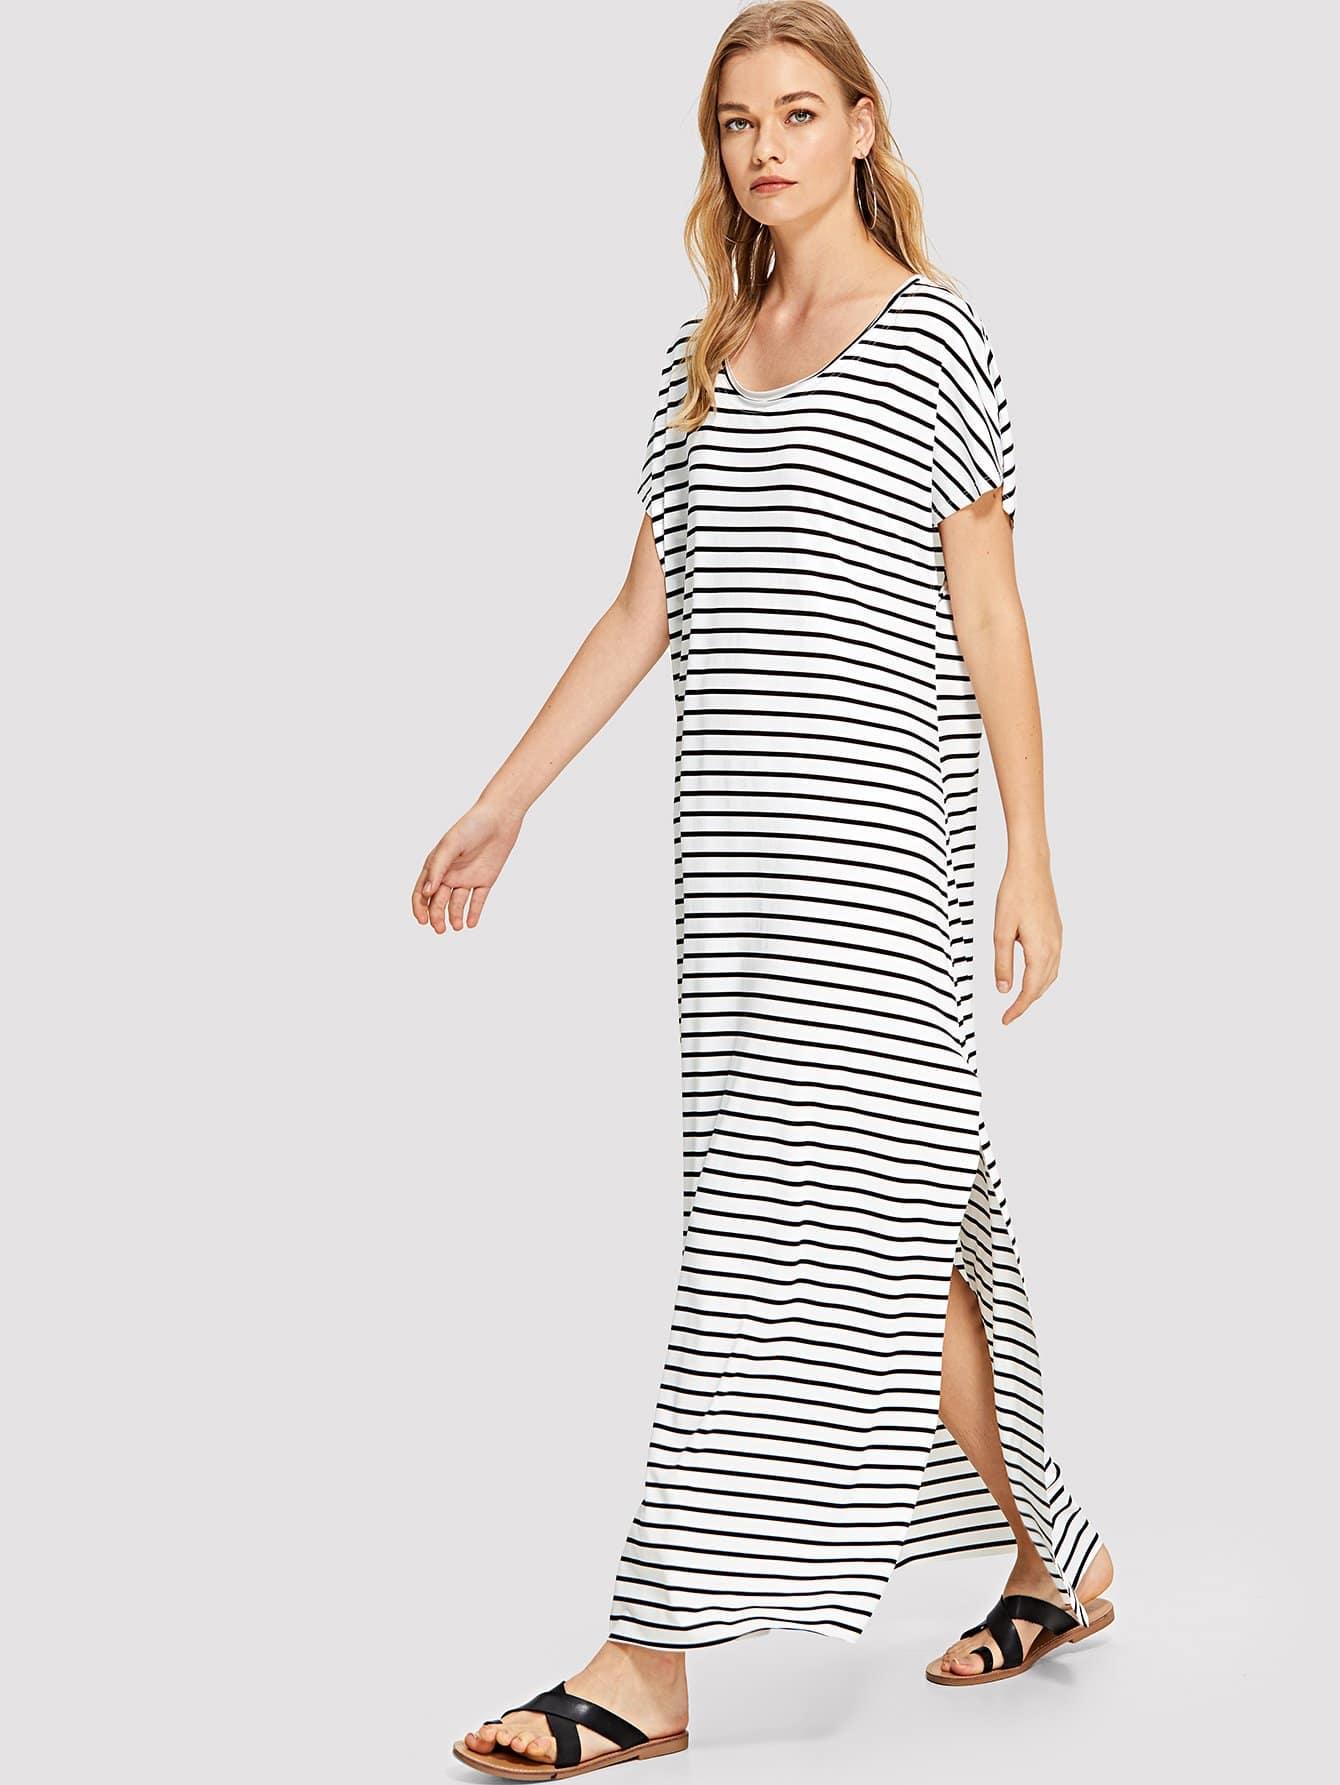 Платье с разрезом, Teresa, SheIn  - купить со скидкой